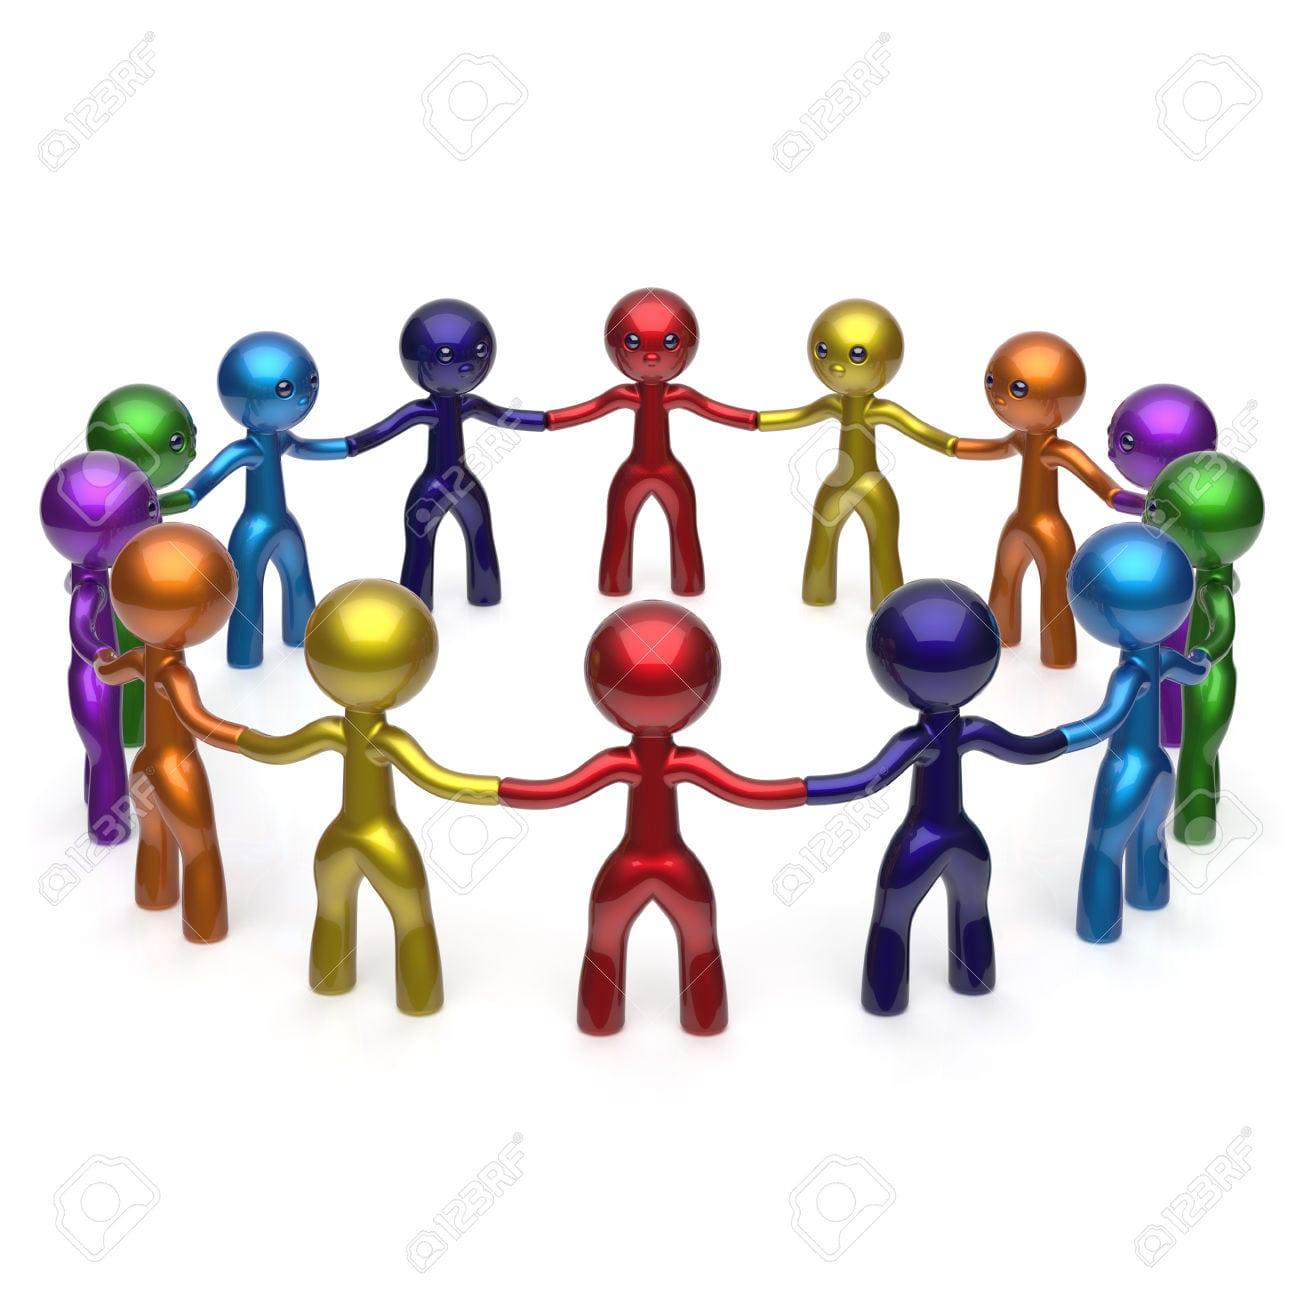 Homens Juntos Círculo Caracteres Rede Social Em Todo O Mundo As